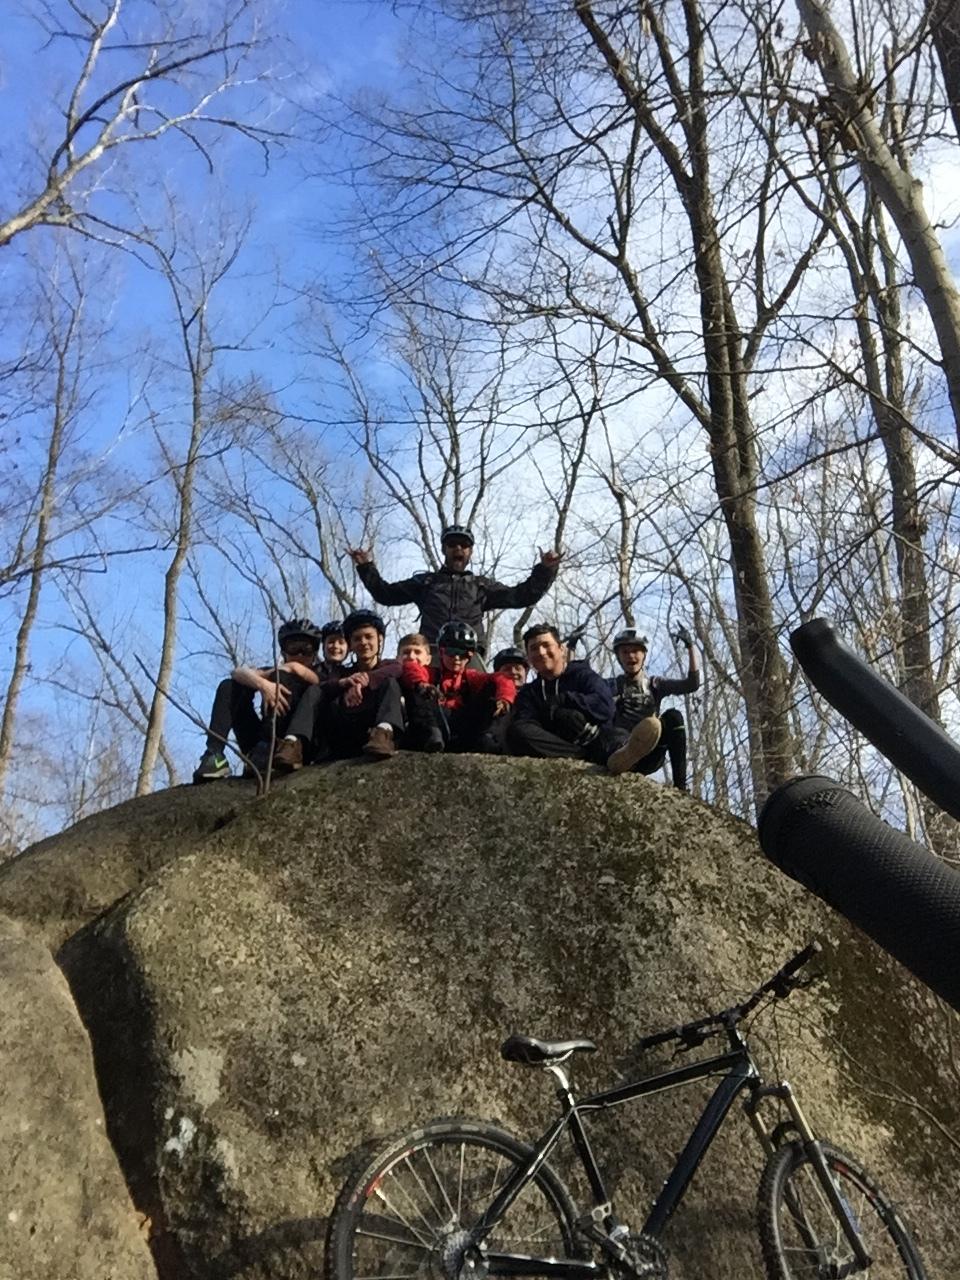 Mtn Biking Club 2017